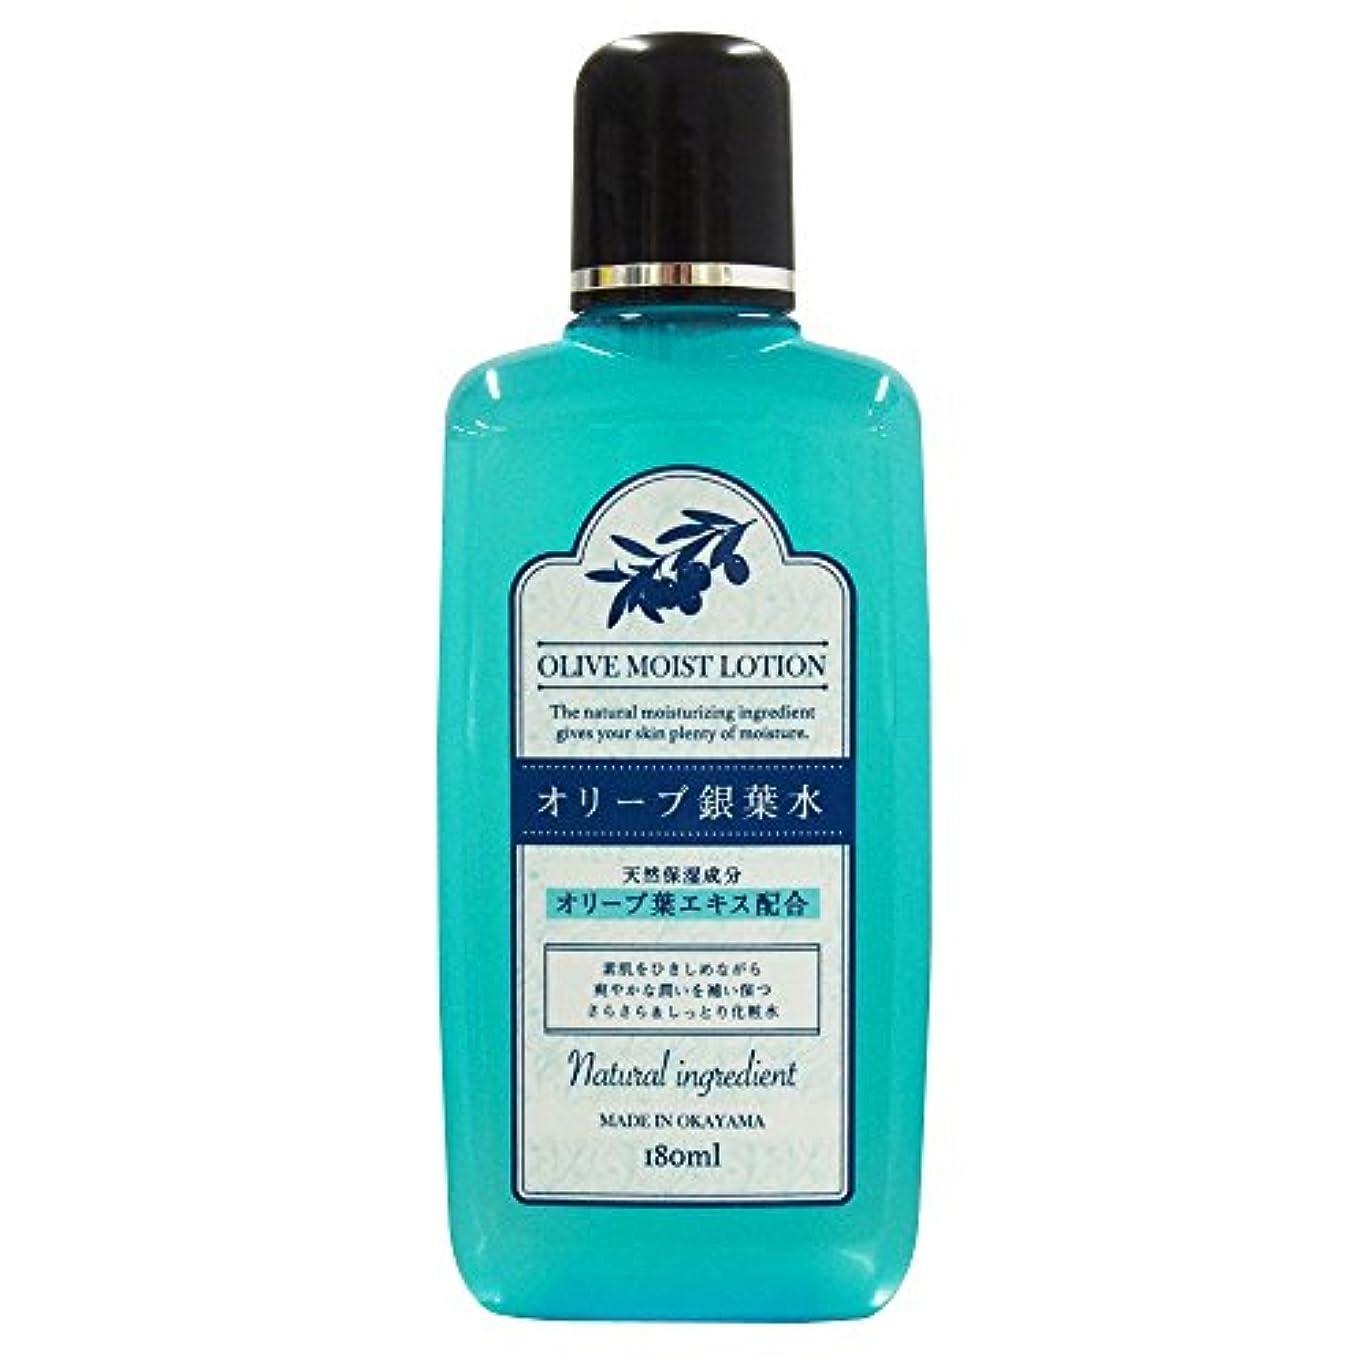 信じられない青写真ミスオリーブマノン オリーブリーフローション 〈オリーブ銀葉水〉 (180mL)